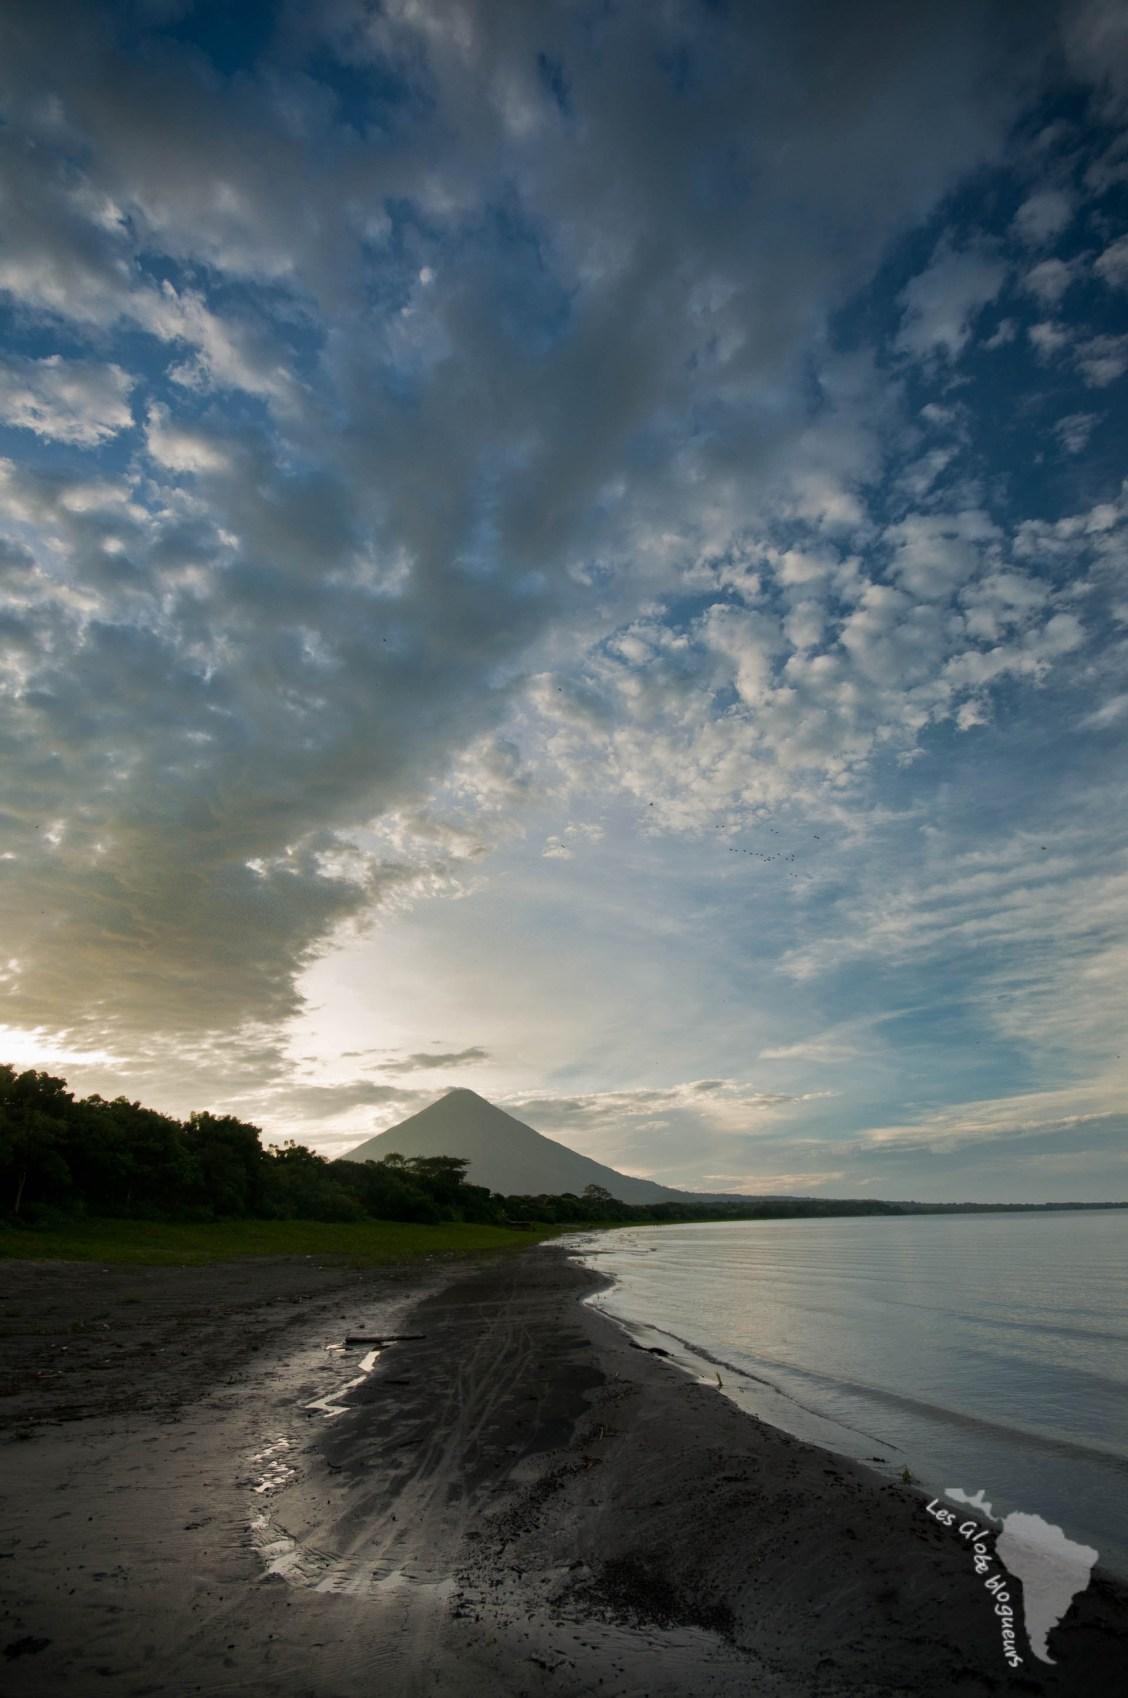 Paysages du Nicaragua, Santo Domingo